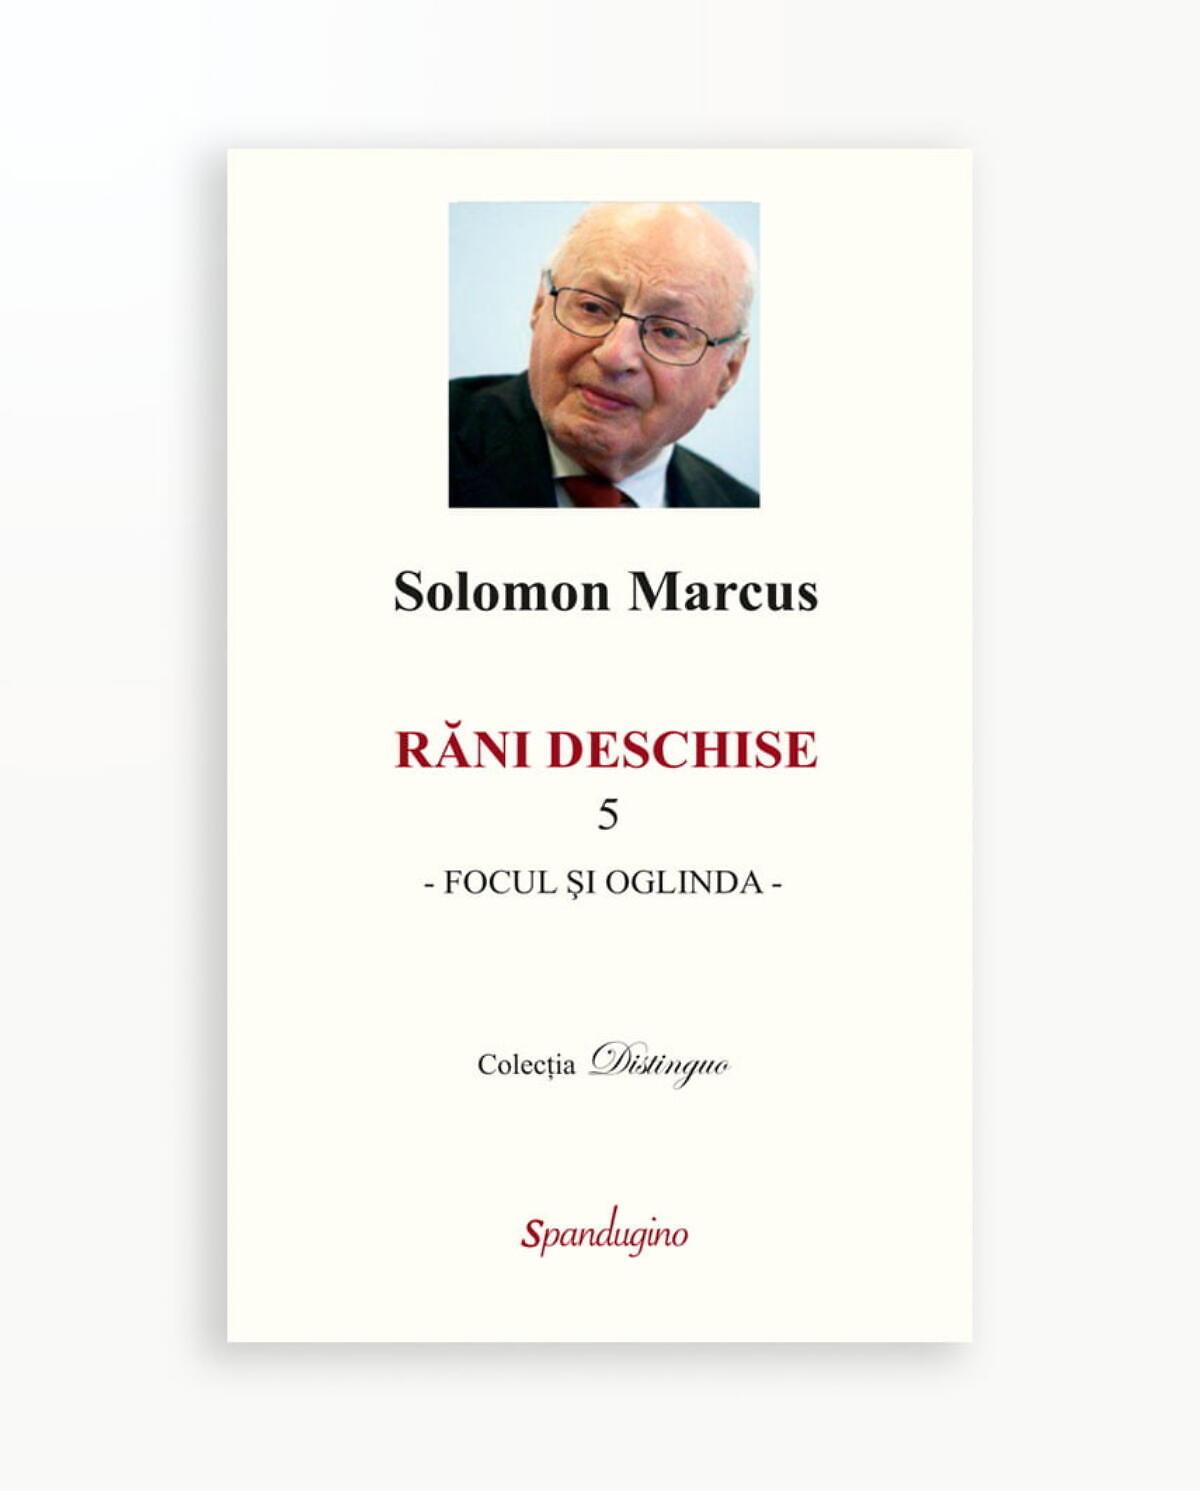 FOCUL SI OGLINDA - Rani Deschise vol. 5